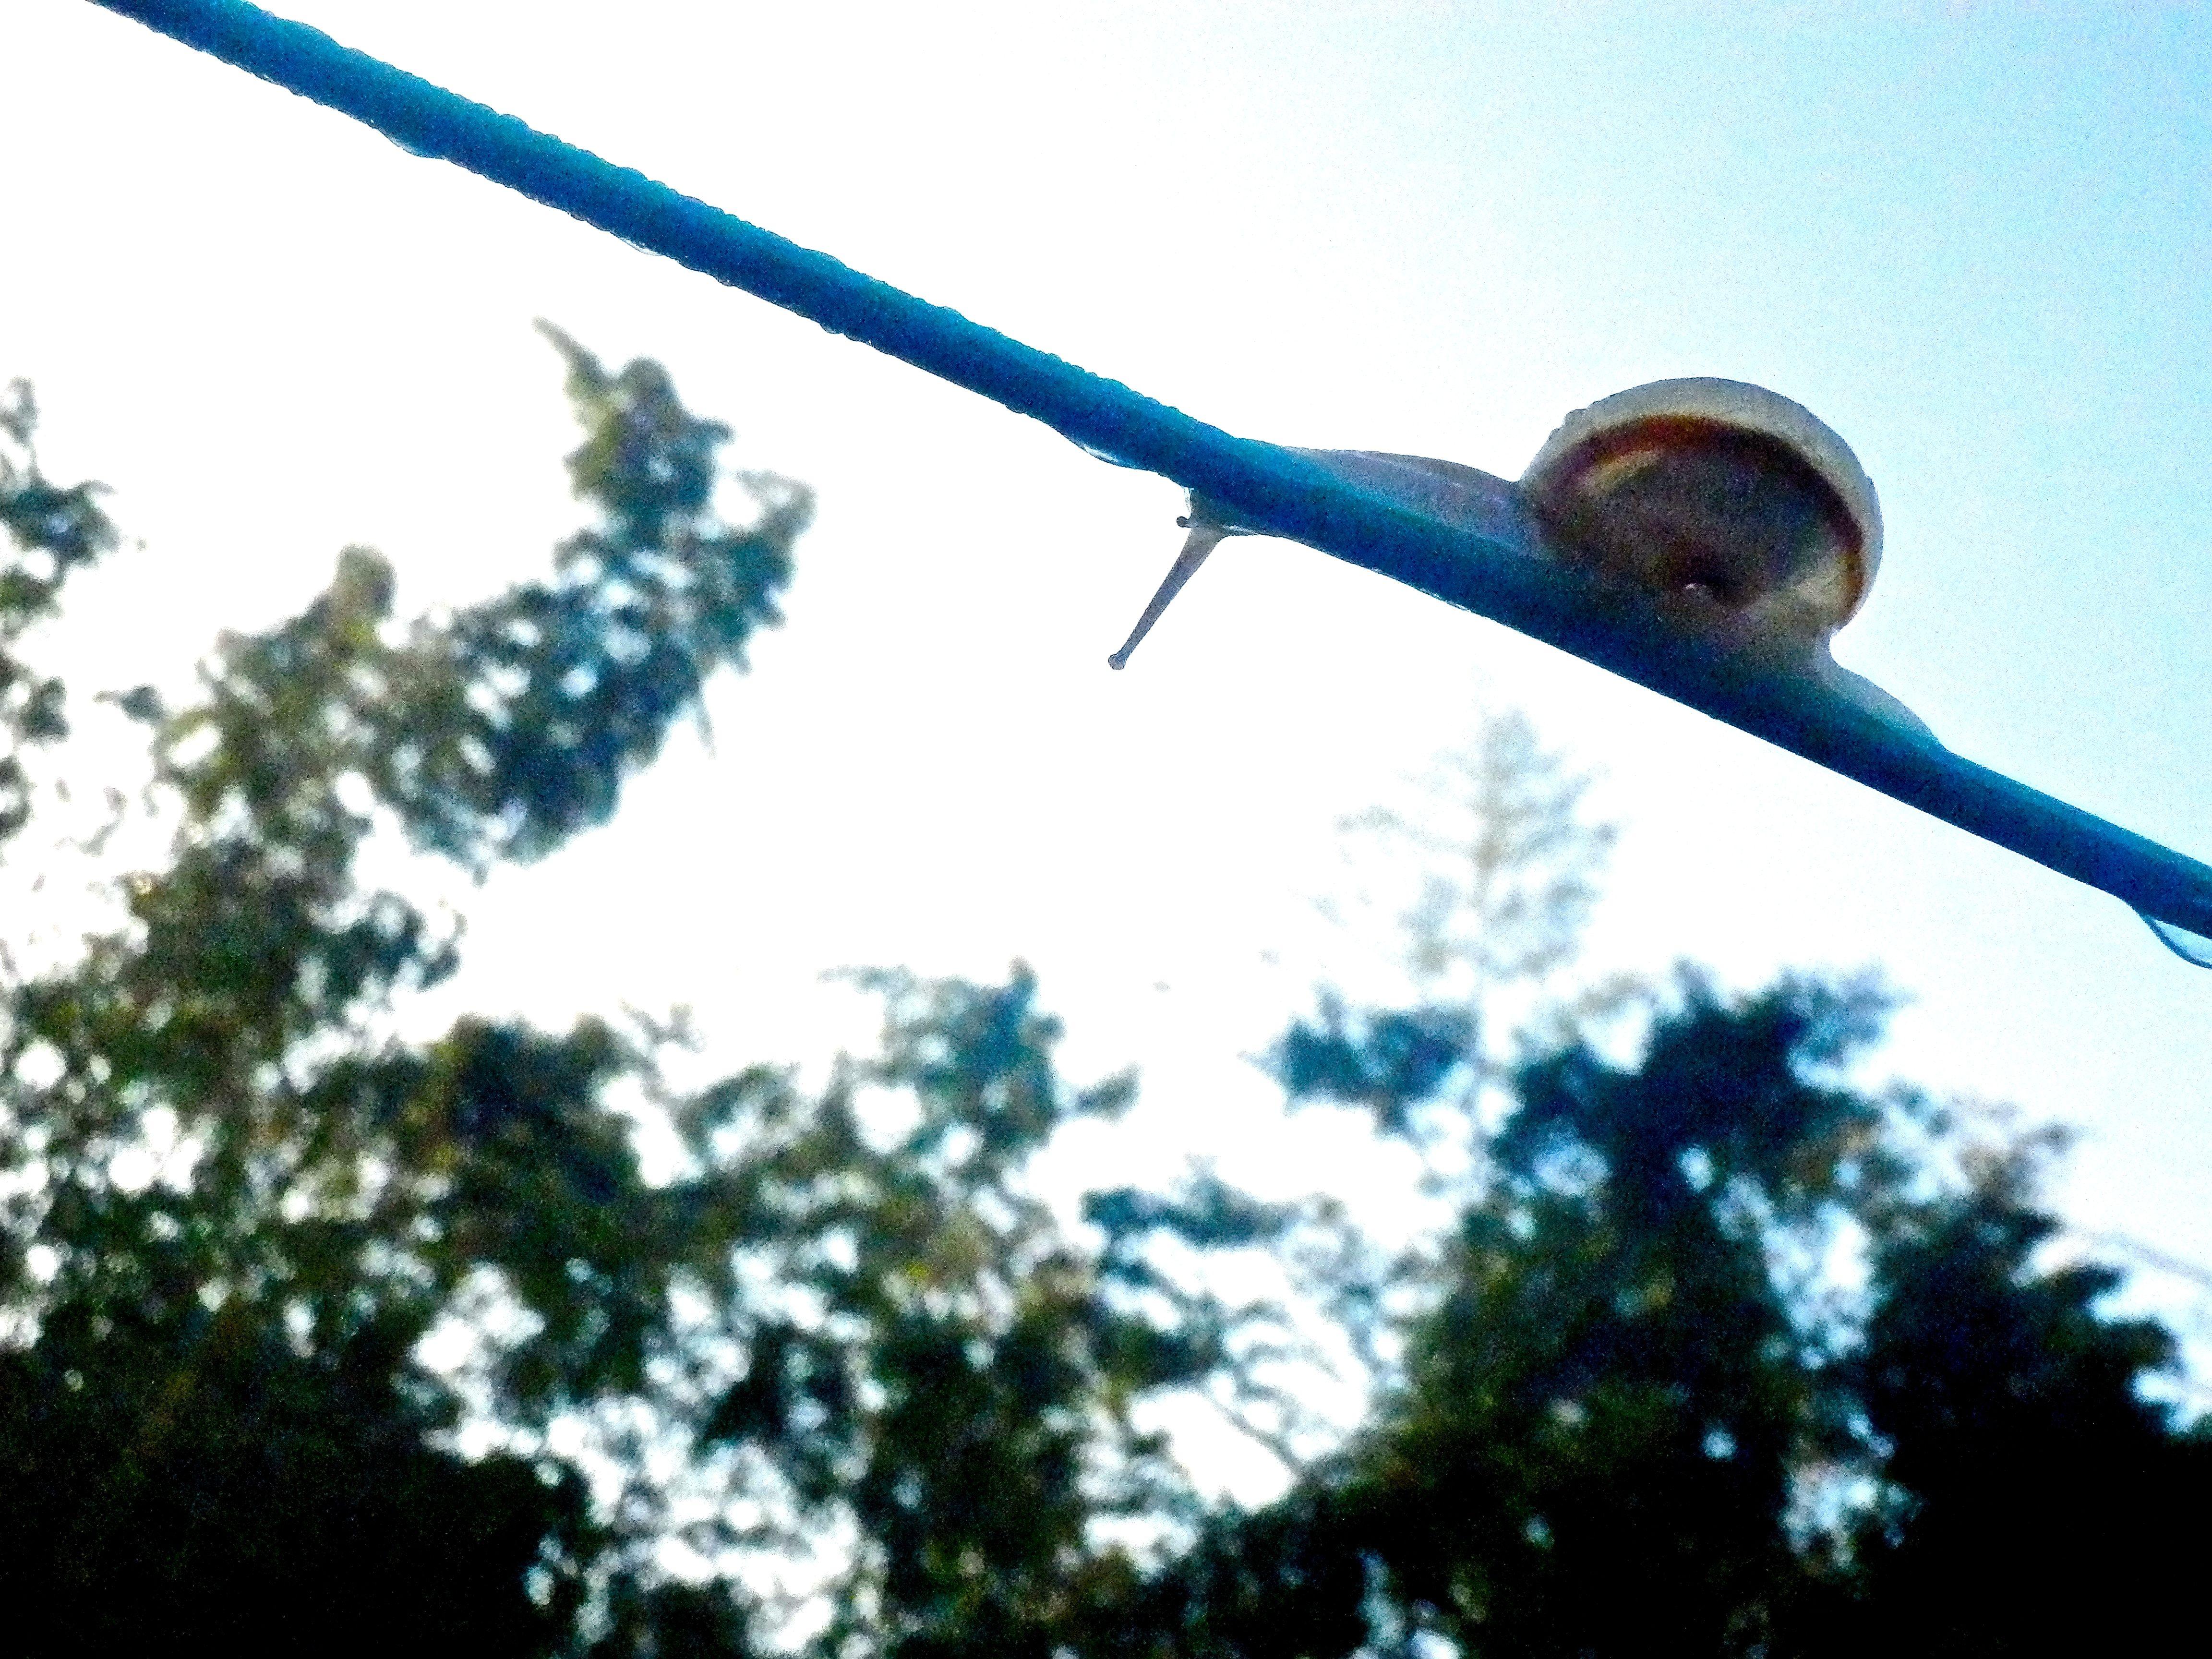 綱渡り(Tightrope walking)